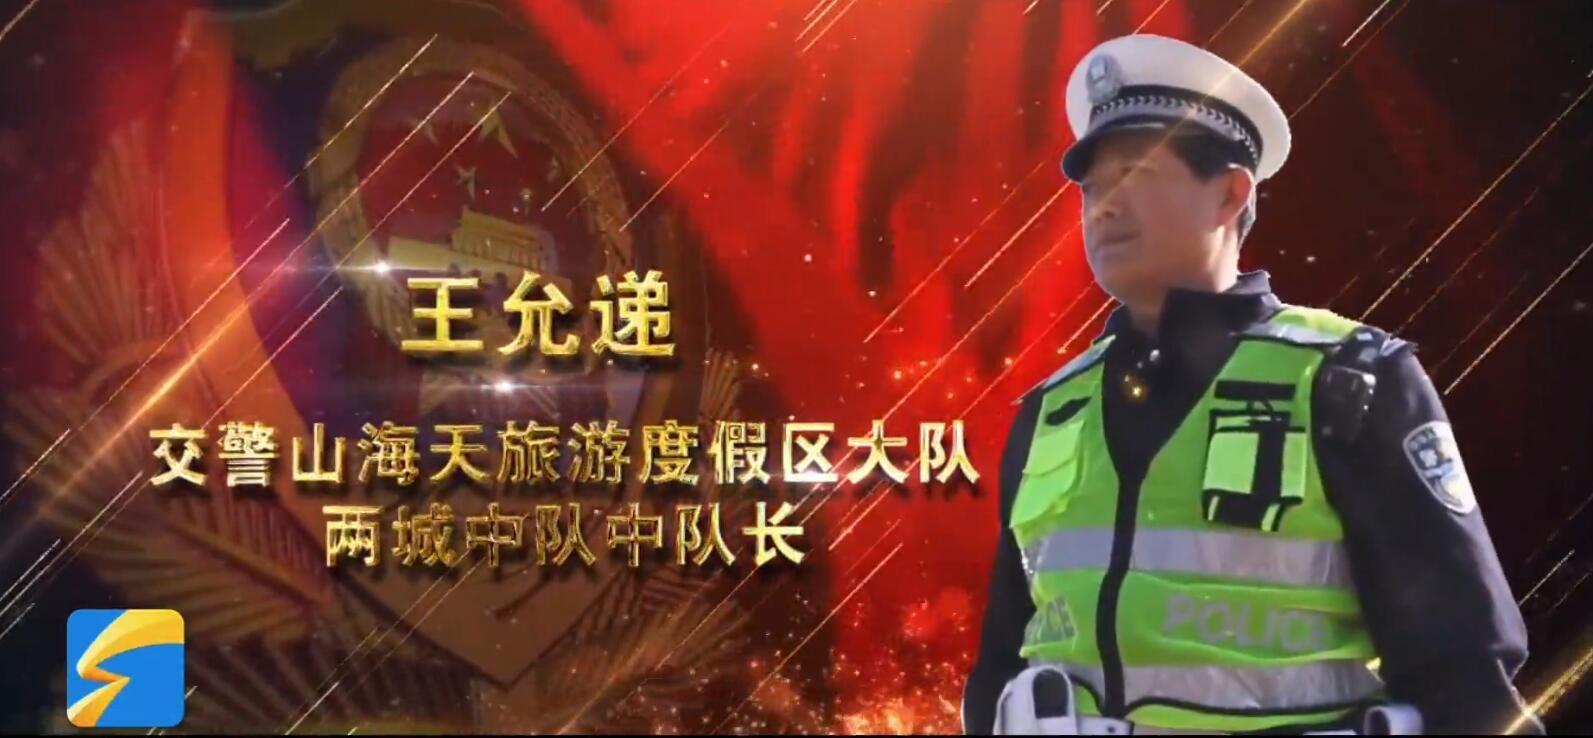 """【日照最美警察】候选人王允递:一个忠诚的""""市门""""守护人"""